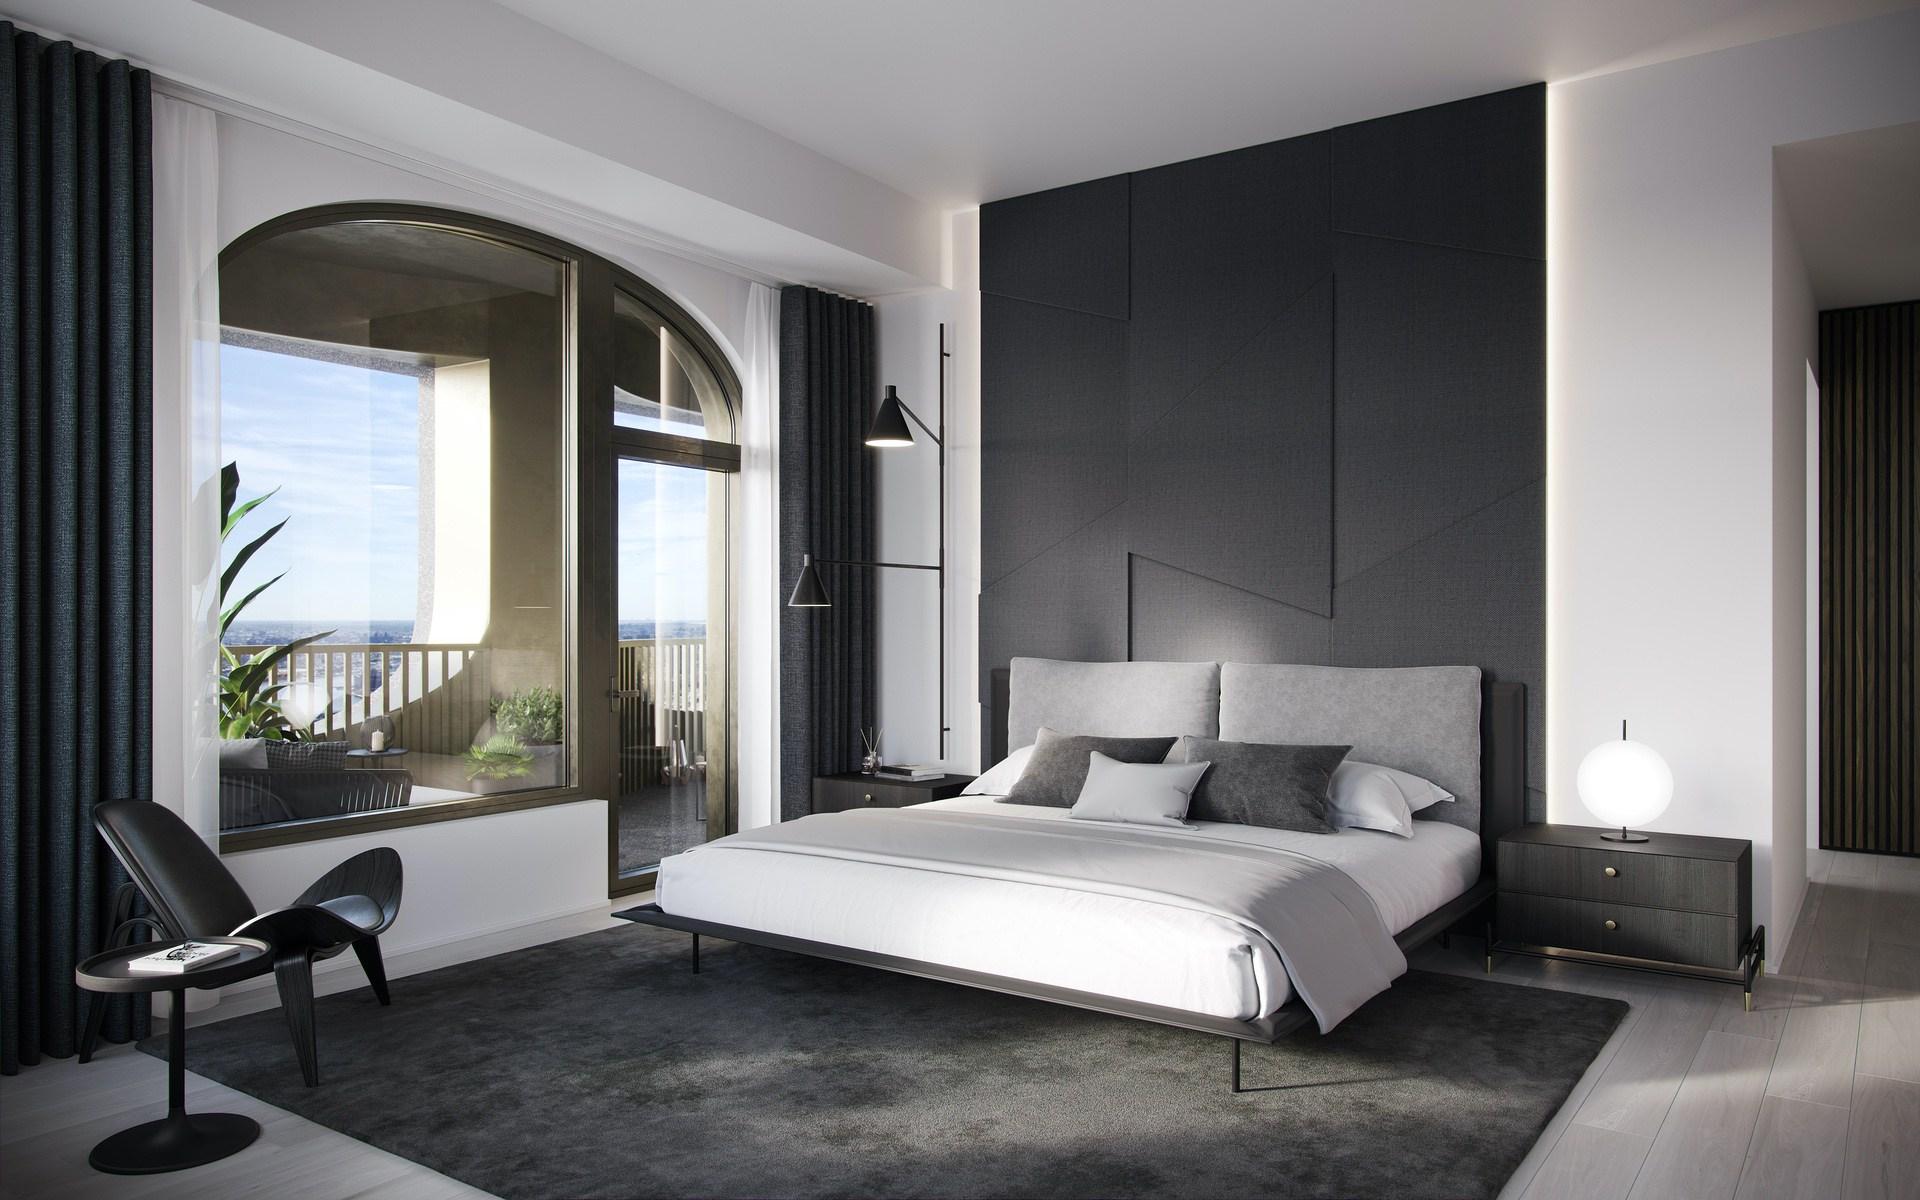 Aston_Martin_NY_Apartments_0015